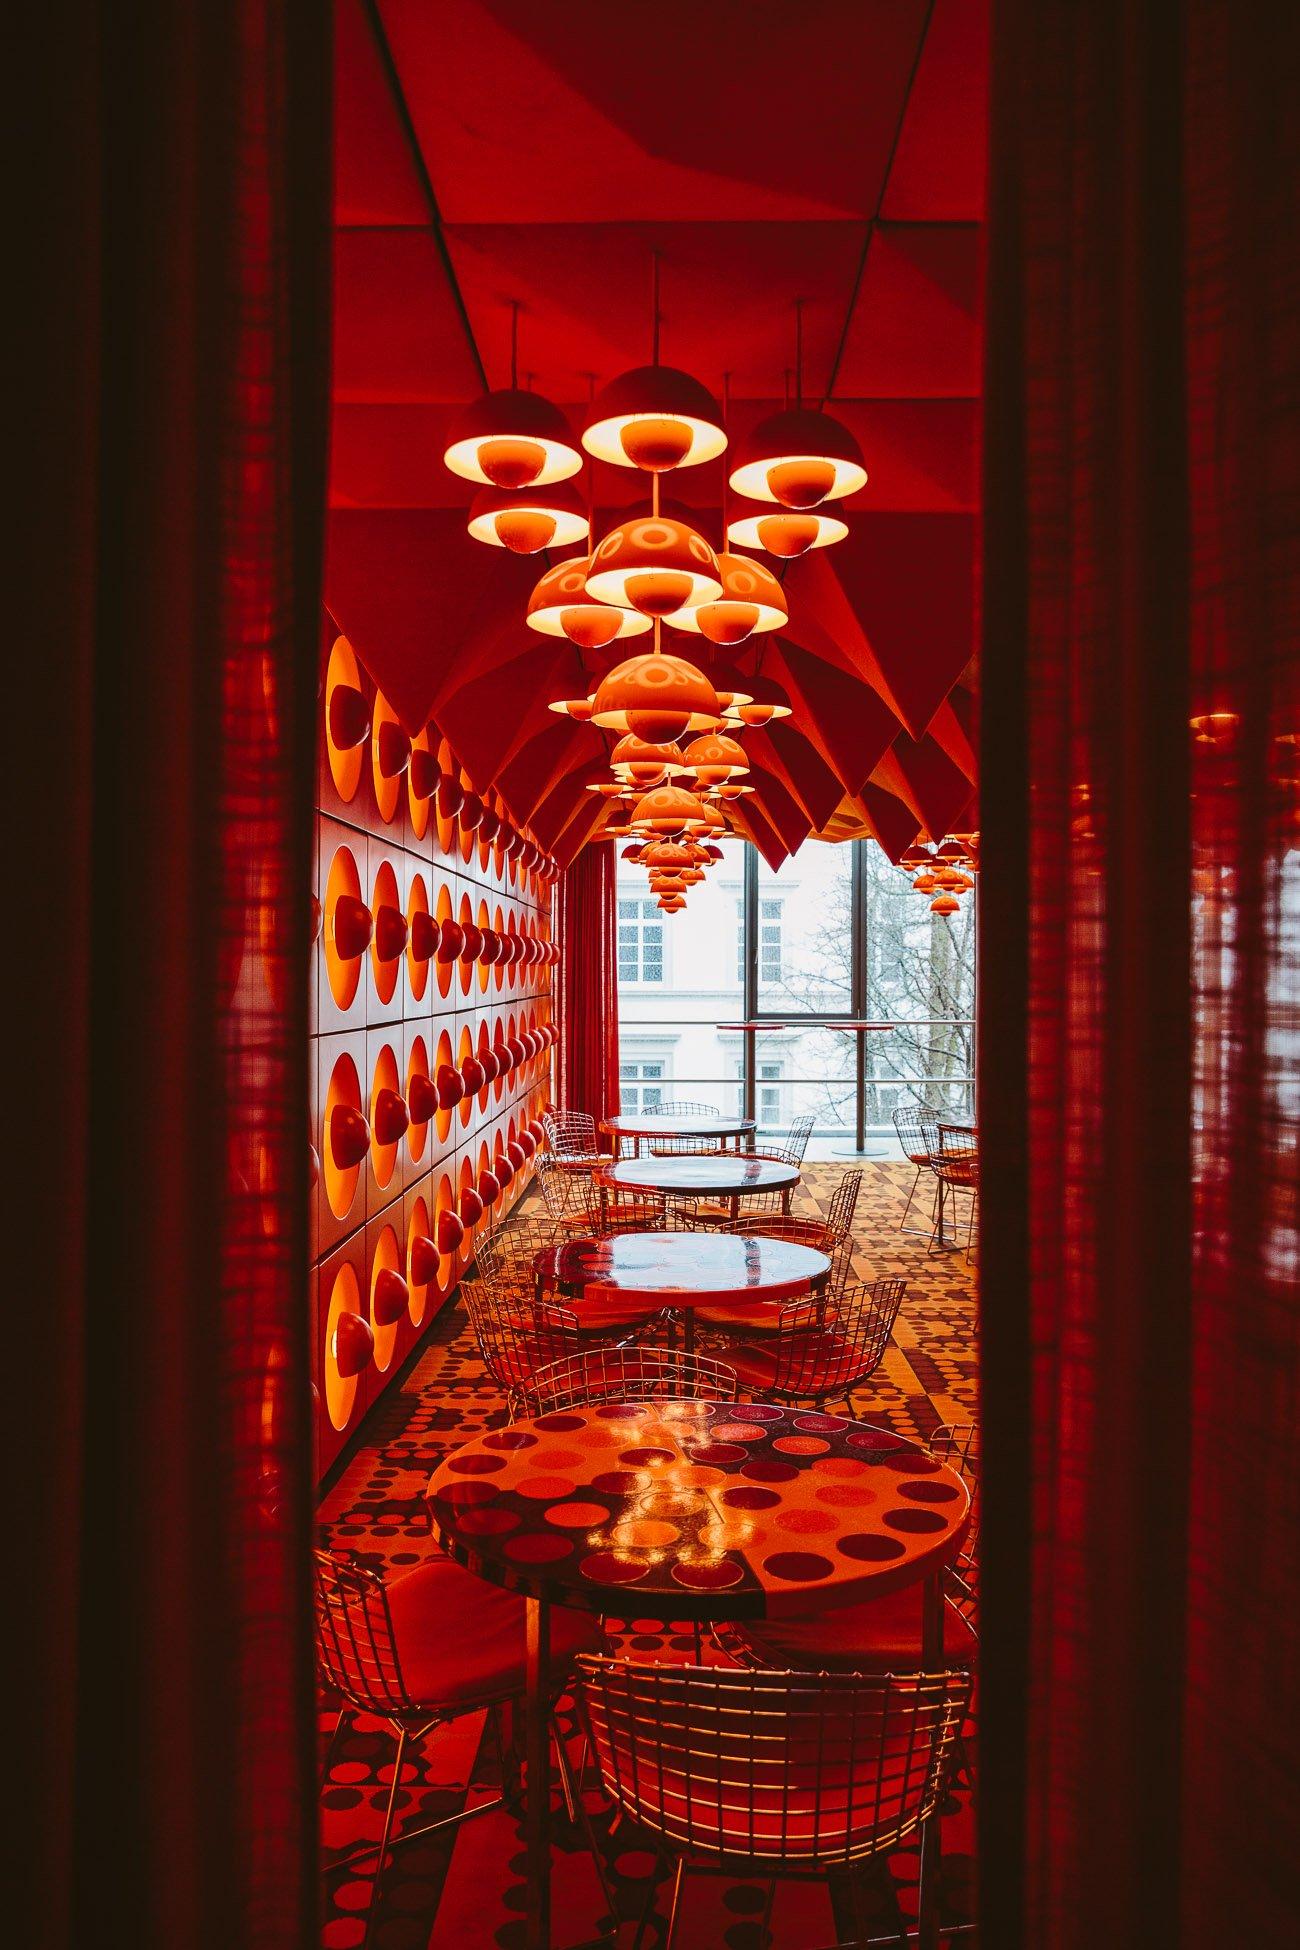 Verner Panton's Spiegel Canteen at Hamburgs Museum für Kunst und Gewerbe